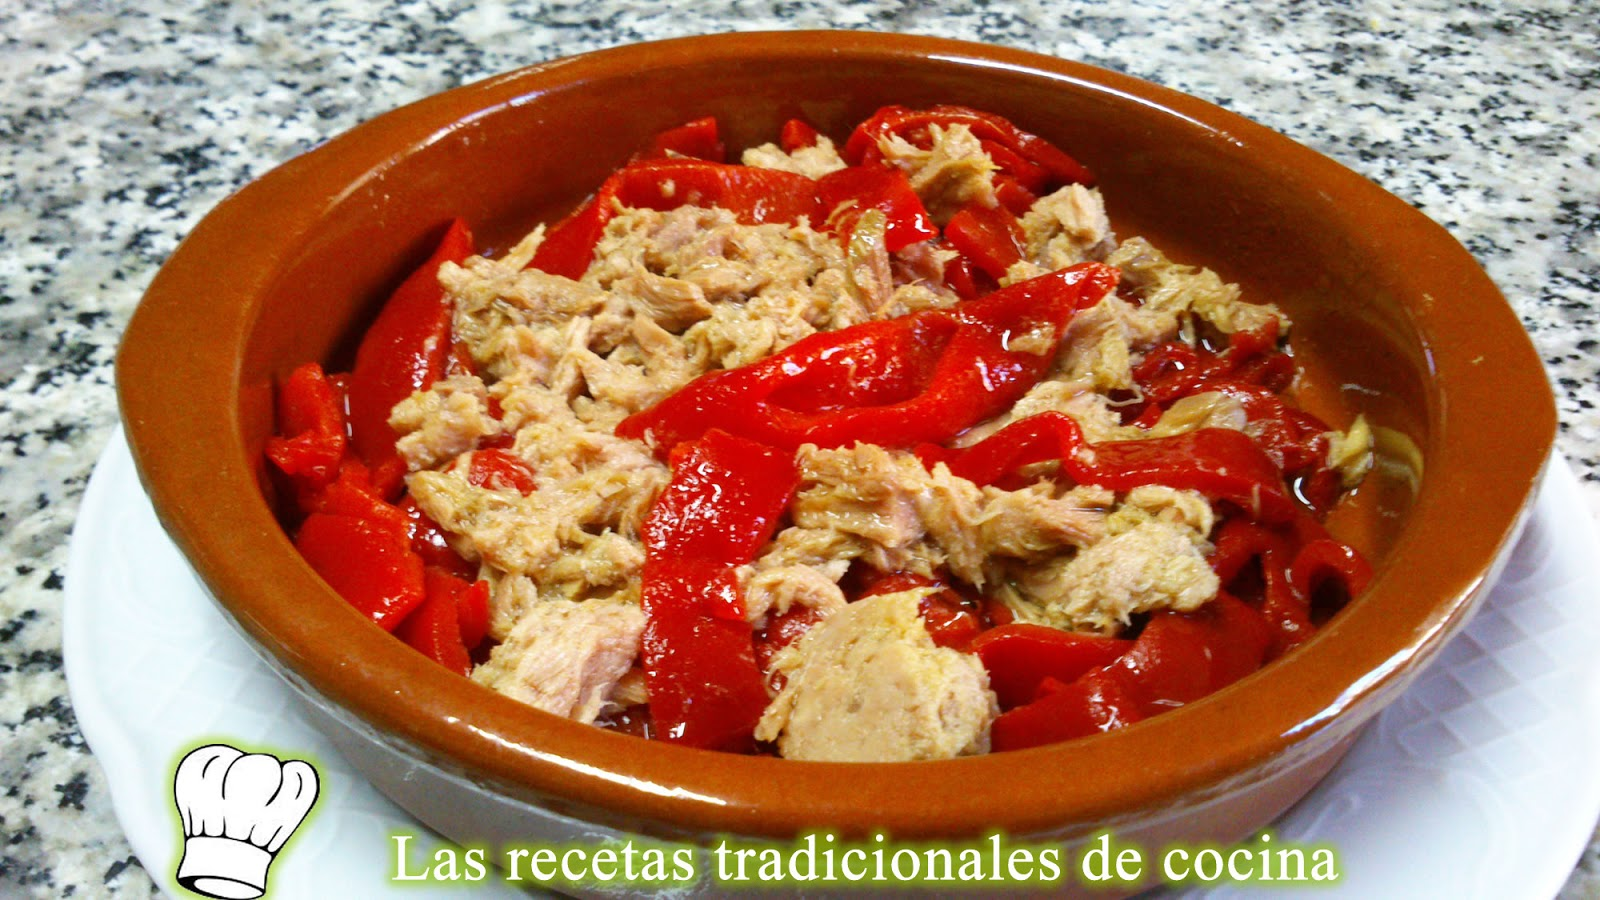 Recetas De Cocina Con Sabor Tradicional Receta De Pimiento